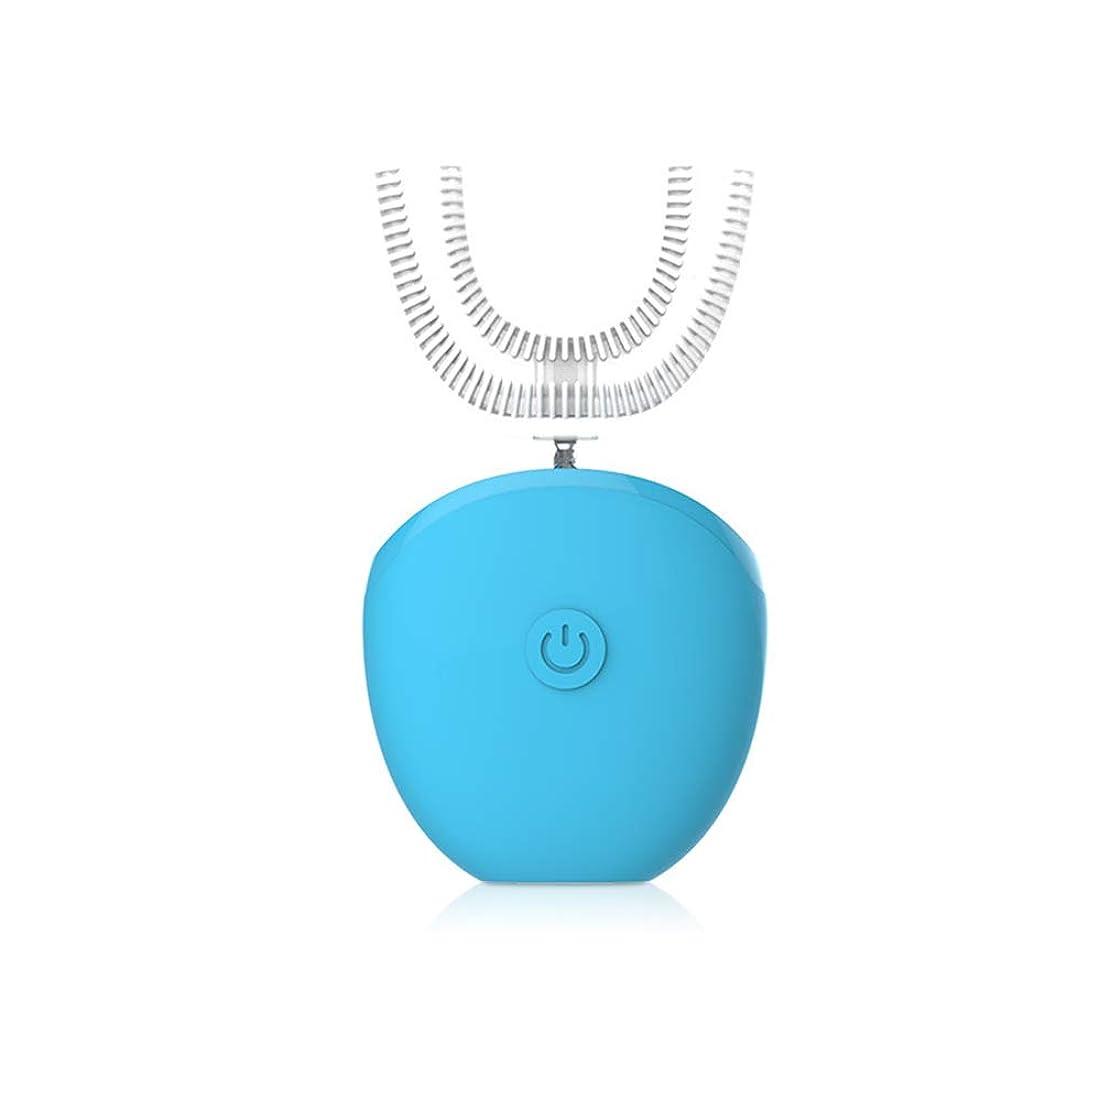 パノラマコンテスト幻想的全自動電動歯ブラシ、360°超音波歯ブラシ、15秒での高速ブラッシング、Lazy Tooth Cleaner、ワイヤレス充電ドック,Blue